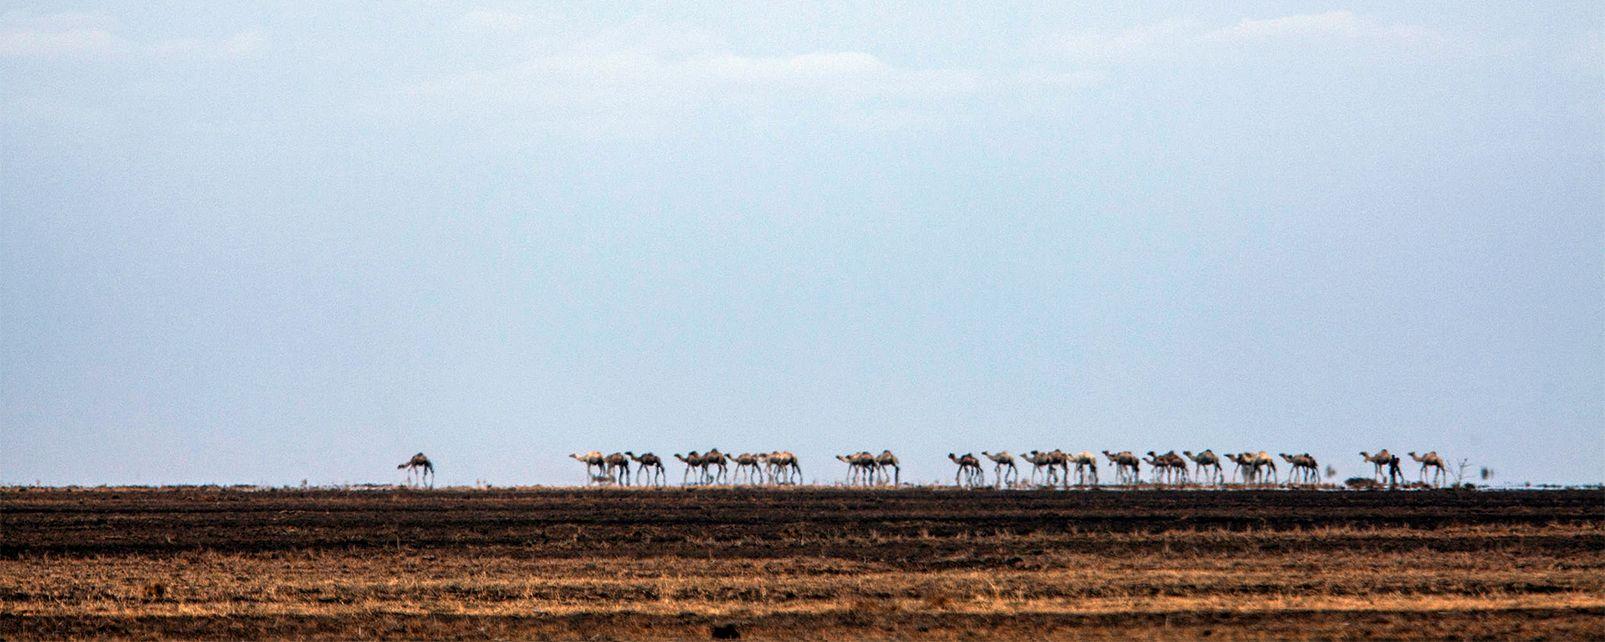 Le désert de Denakil , Le désert Danakil, Éthiopie , Ethiopie